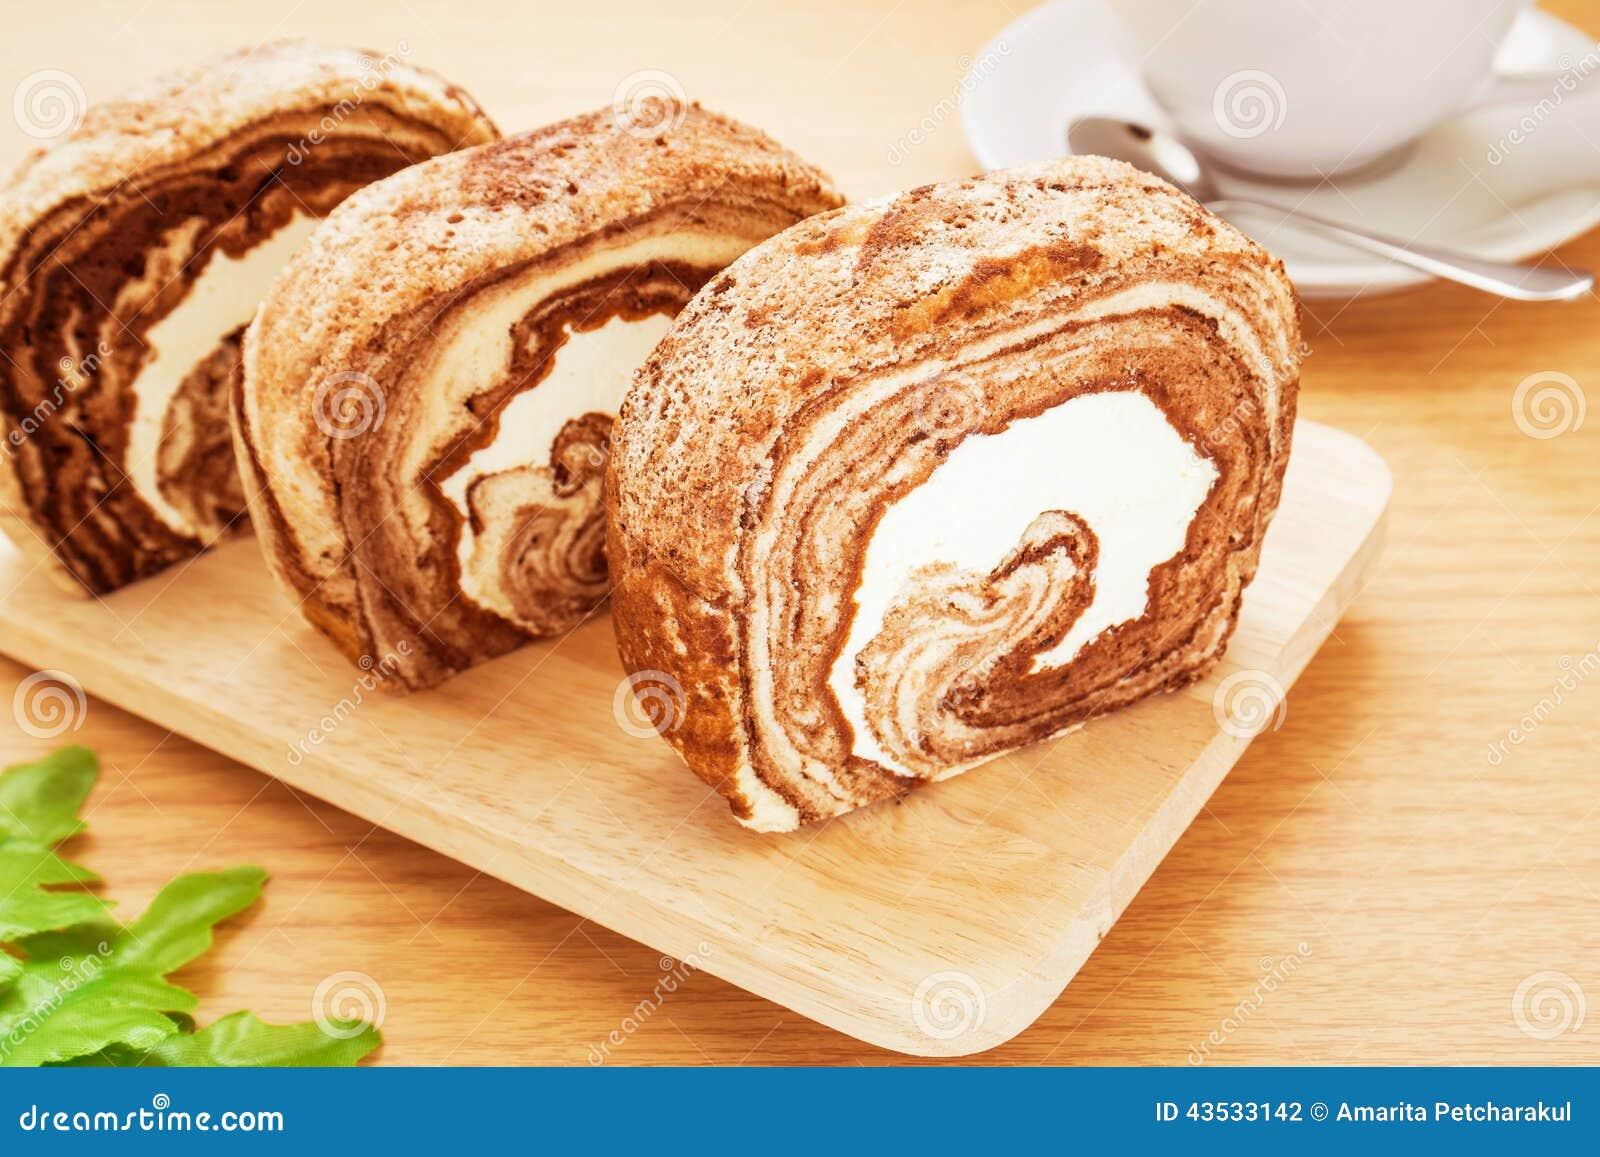 Gâteau de petit pain de chocolat et café, image filtrée